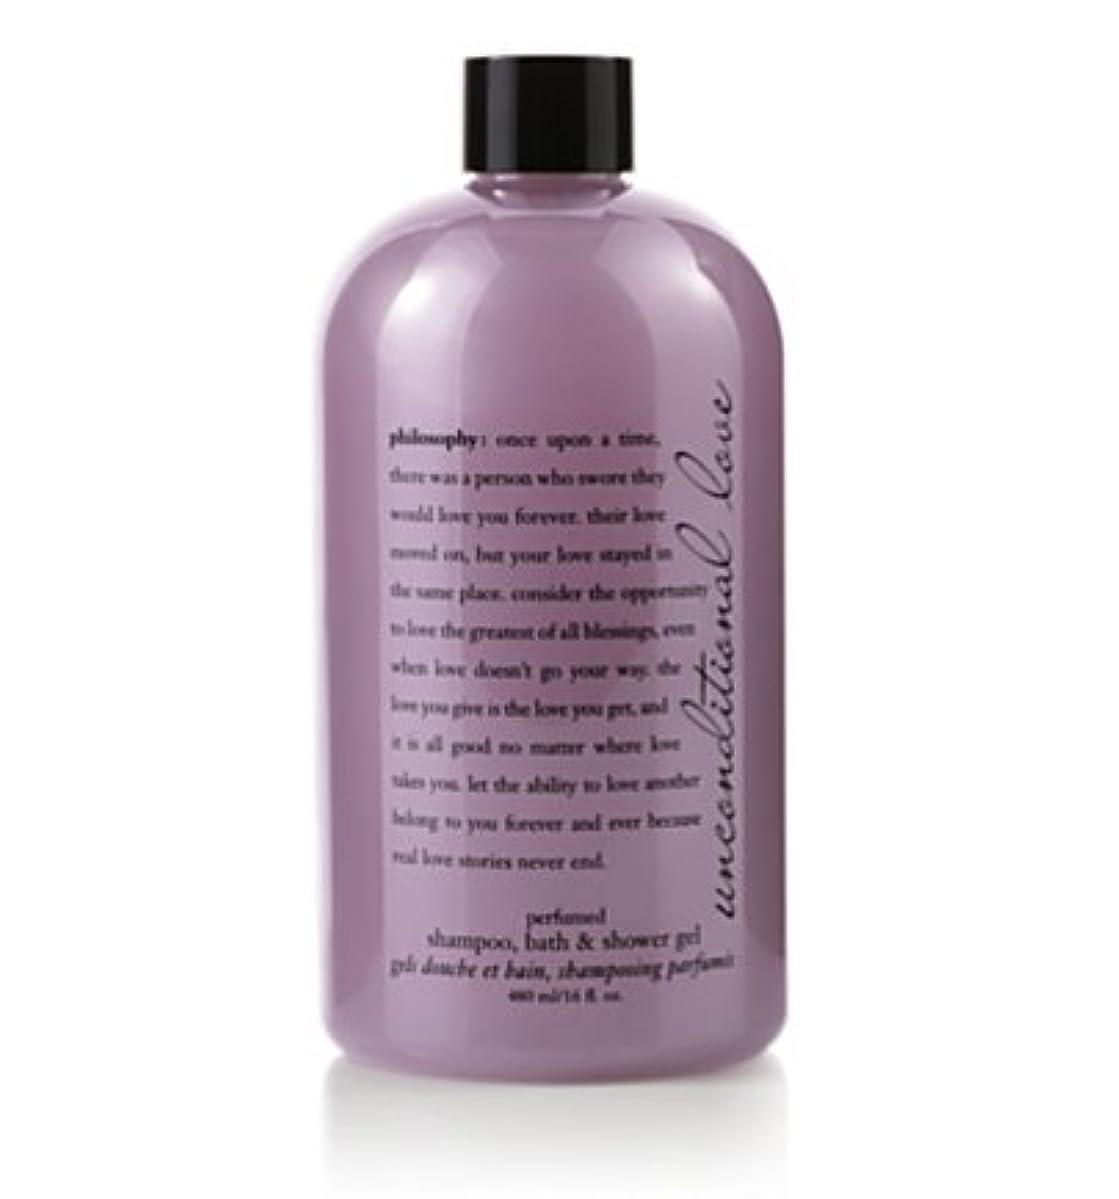 過半数またはどちらか段落unconditional love (アンコンディショナルラブ ) 16.0 oz (480ml) perfumed shampoo, bath & shower gel for Women